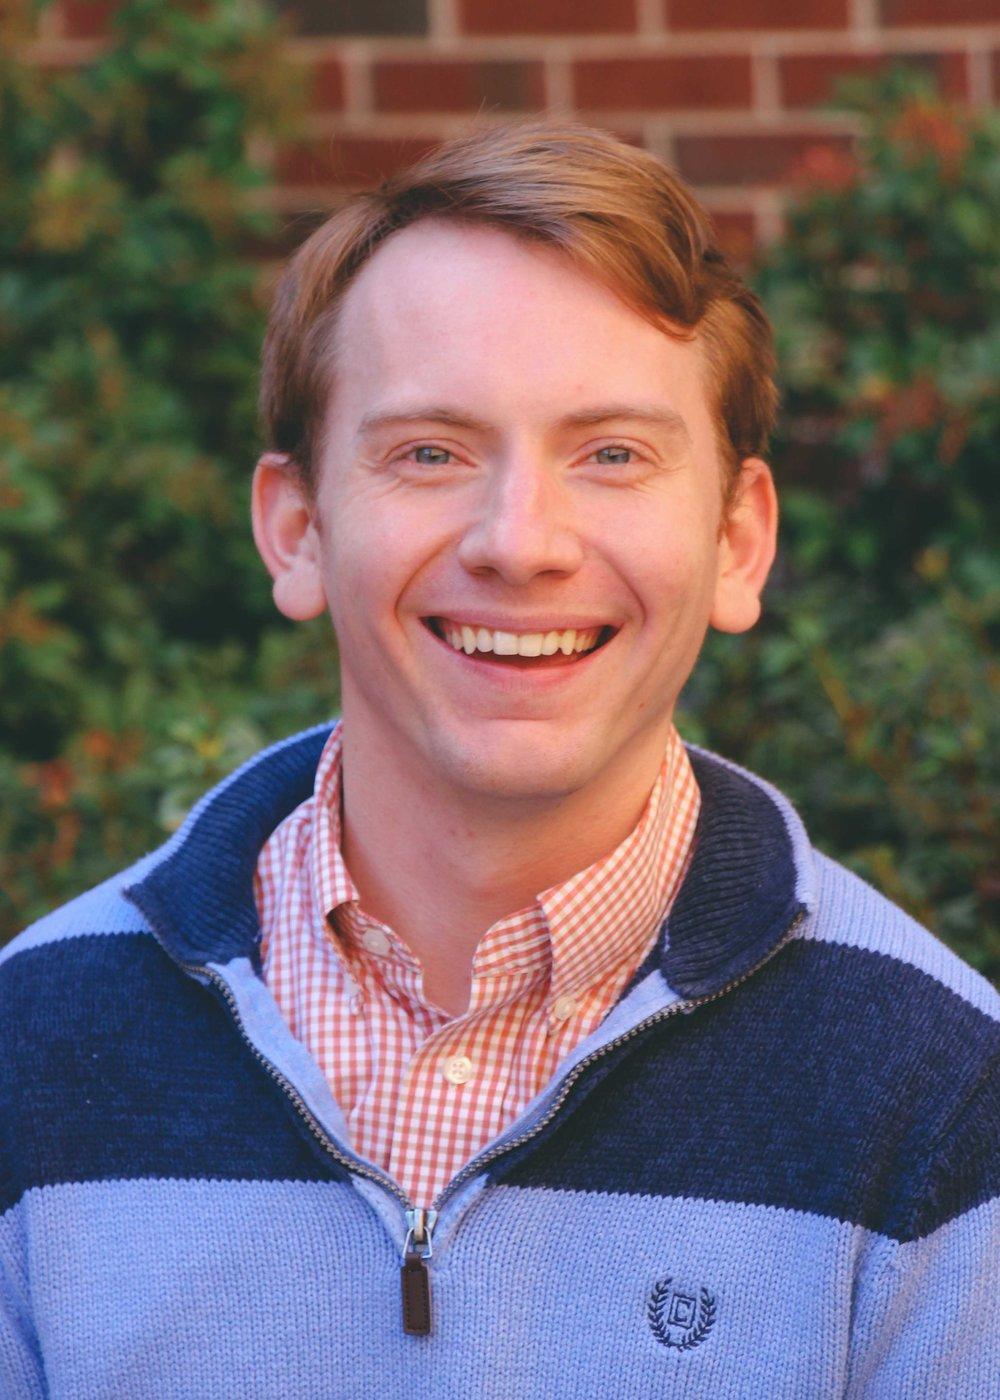 GRANT FREDERICK /Minister of Music - gfrederick@bonsackbaptist.org